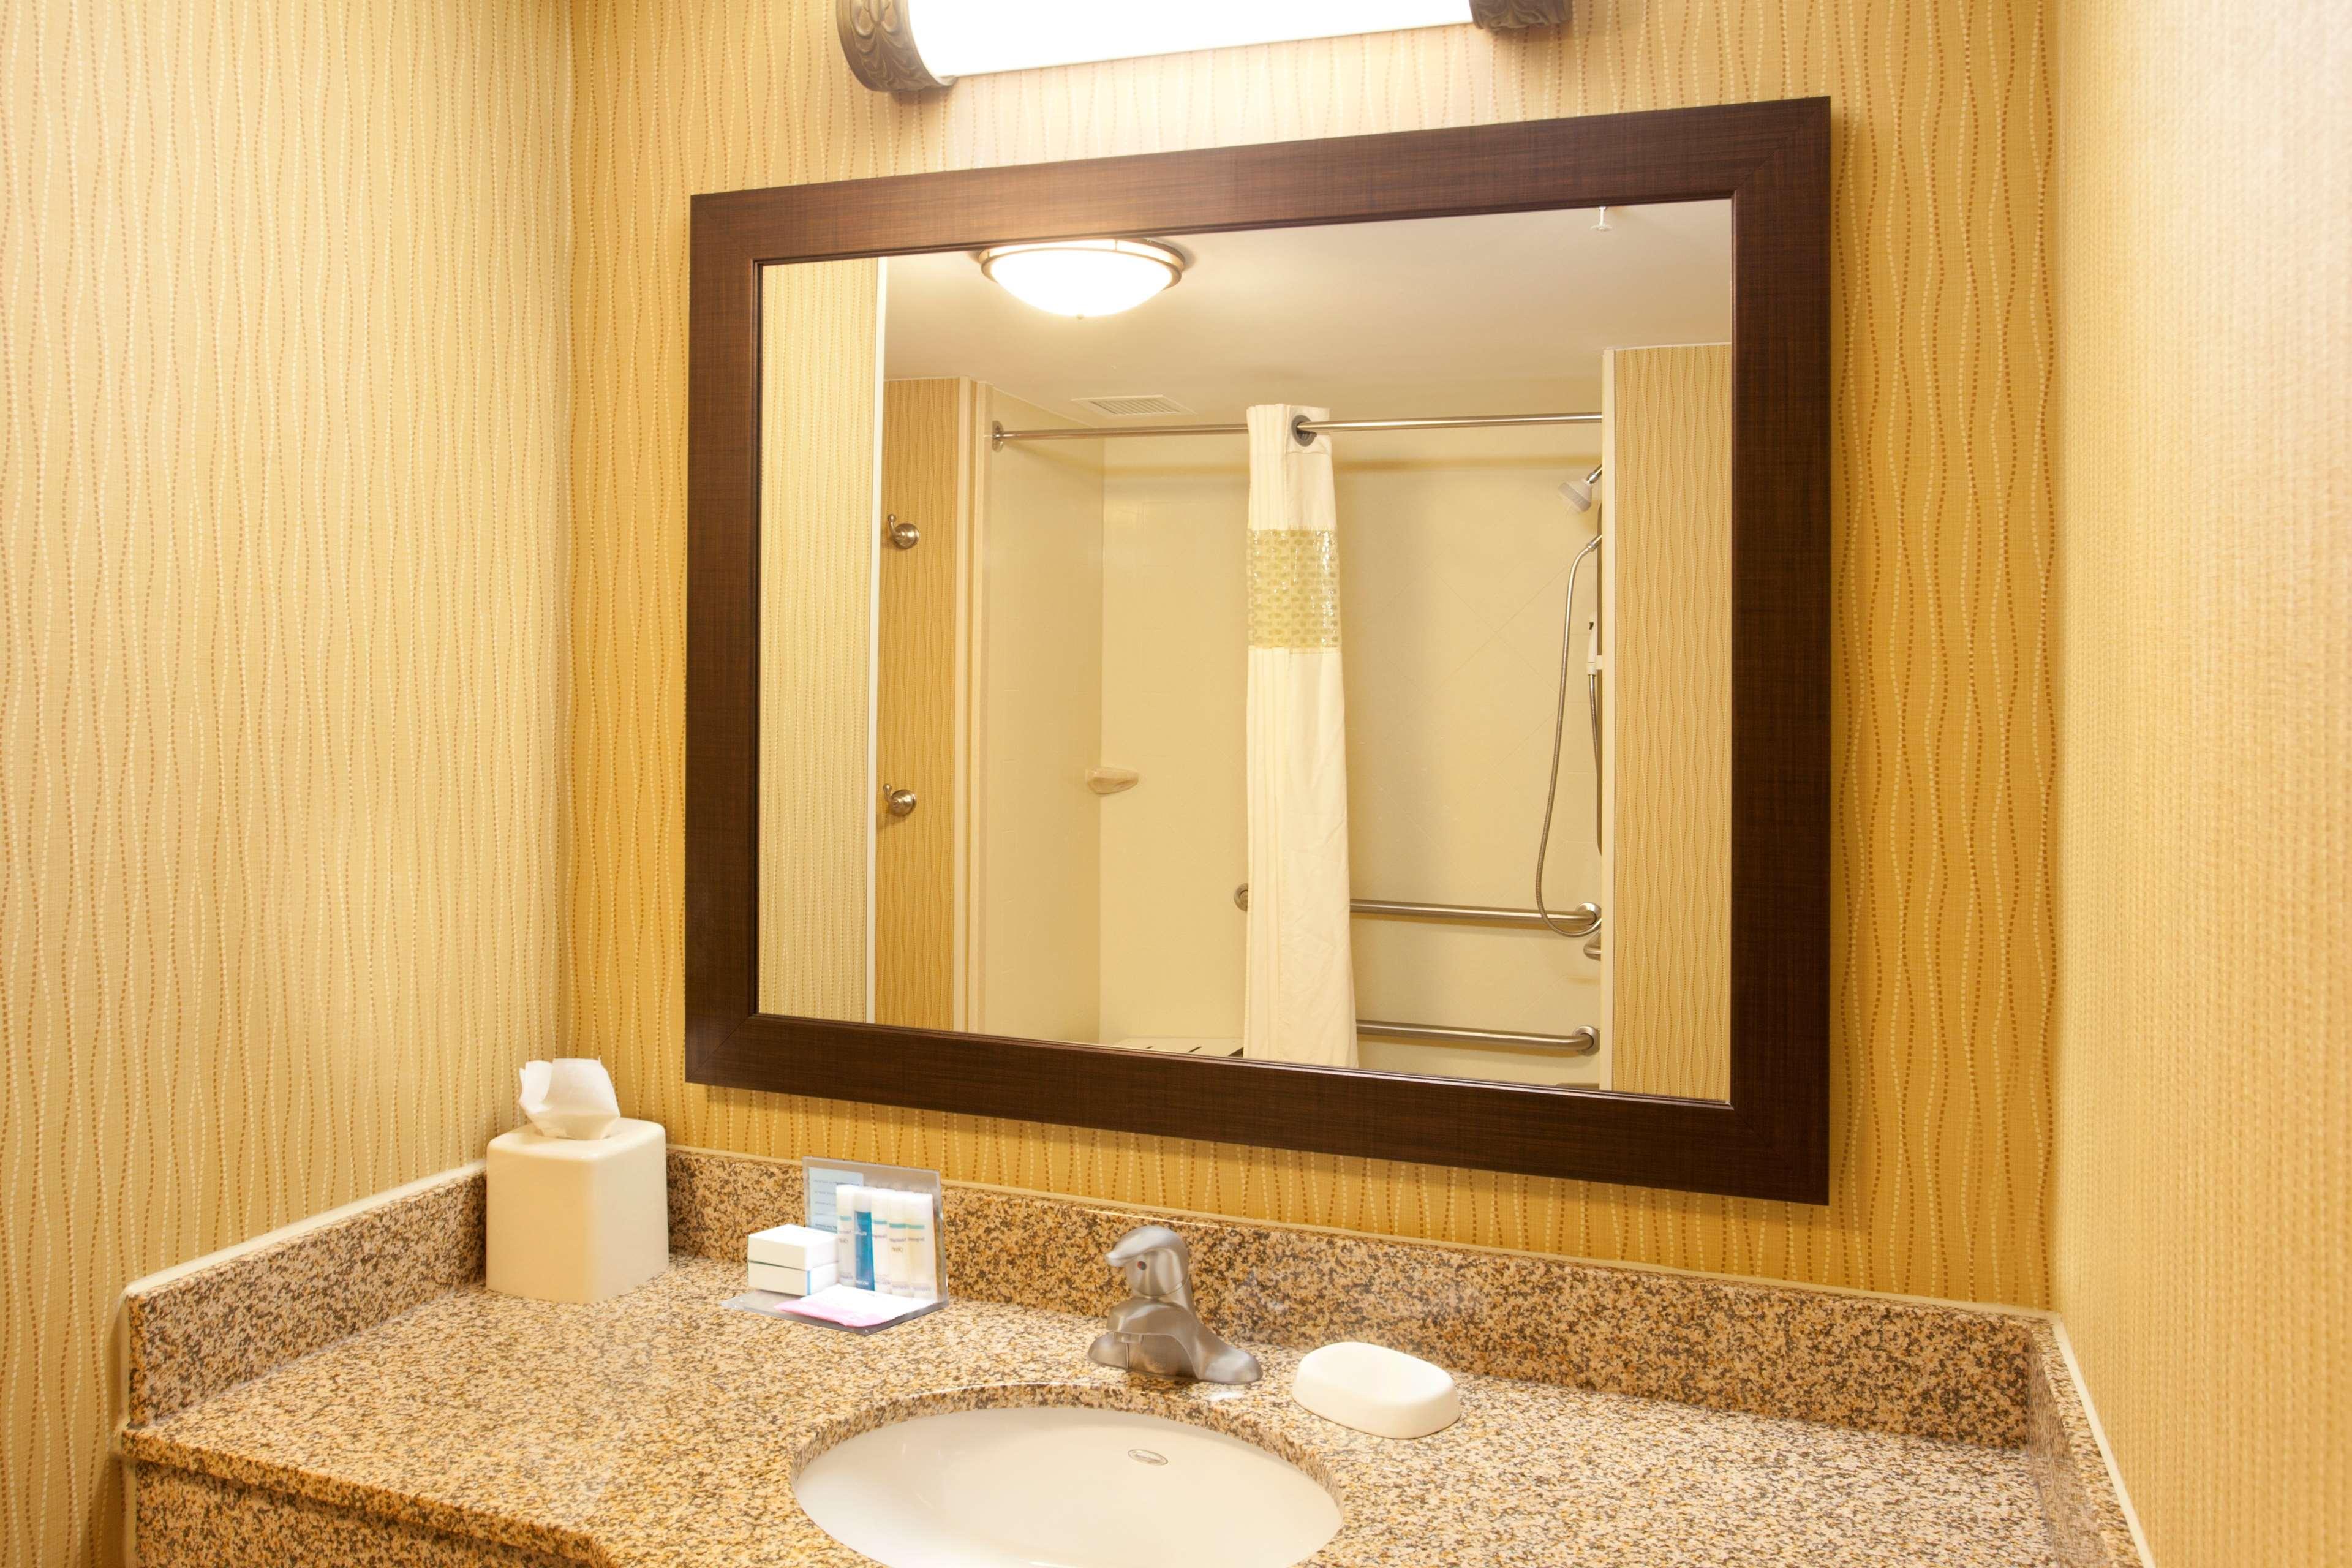 Hampton Inn Suites Minneapolis St Paul Arpt-Mall of America image 17